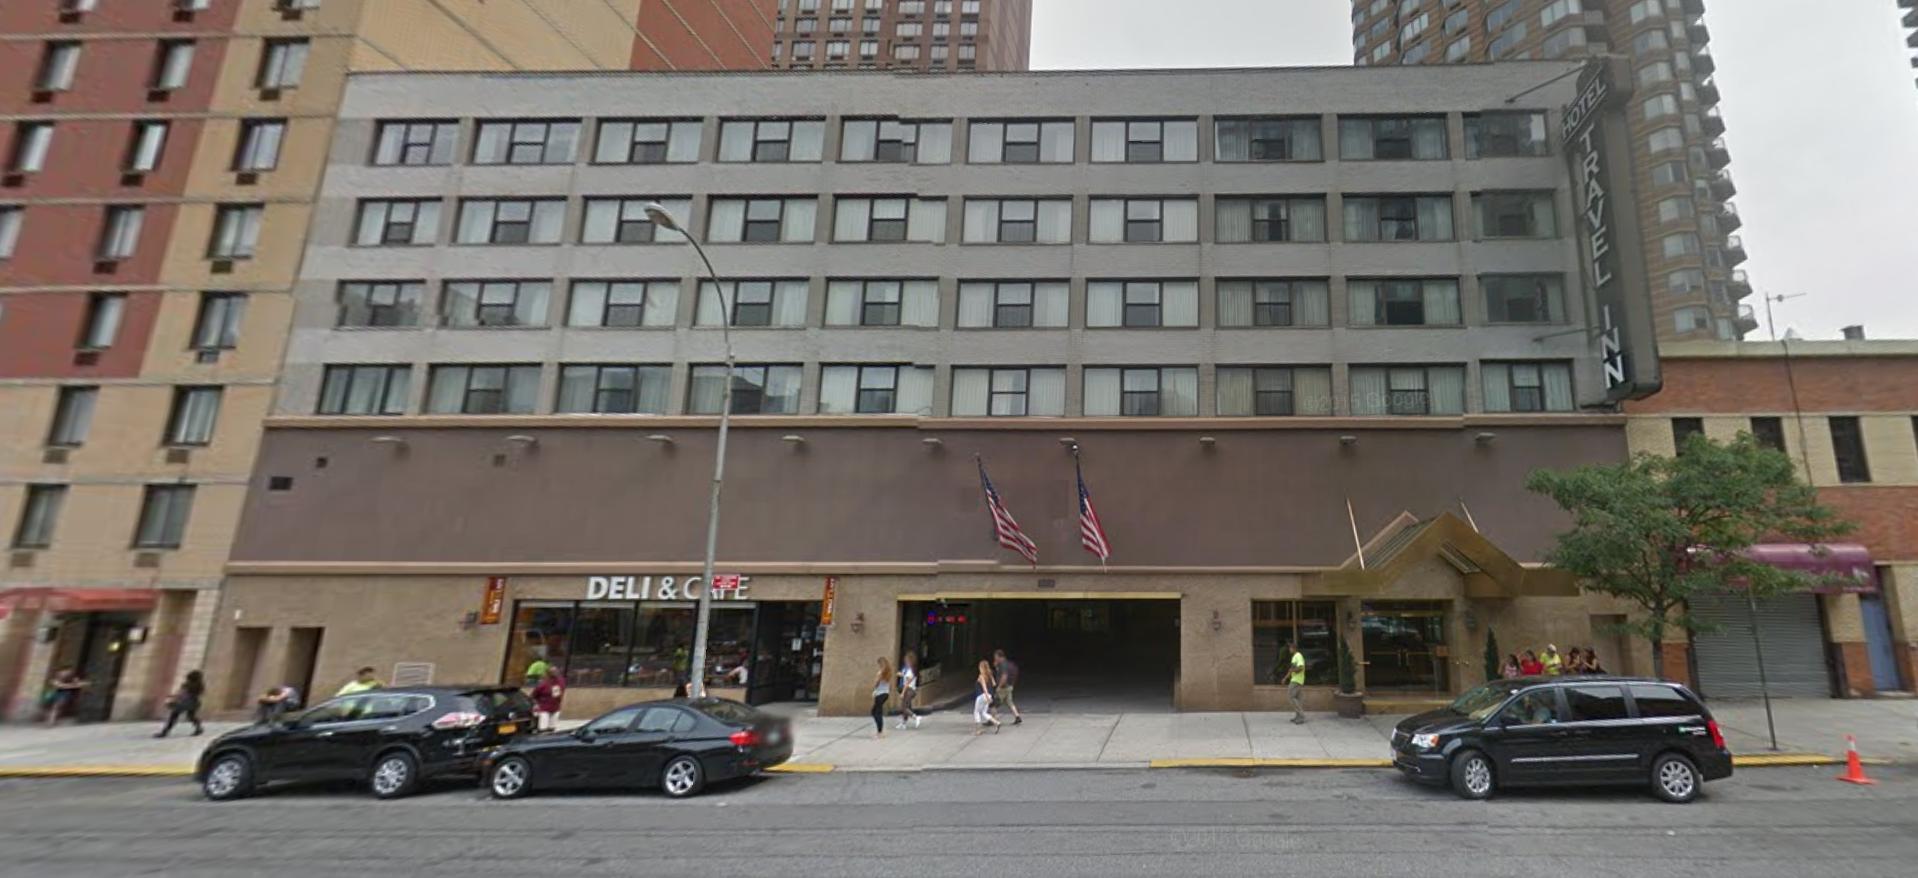 507 West 42nd Street, image via Google Maps